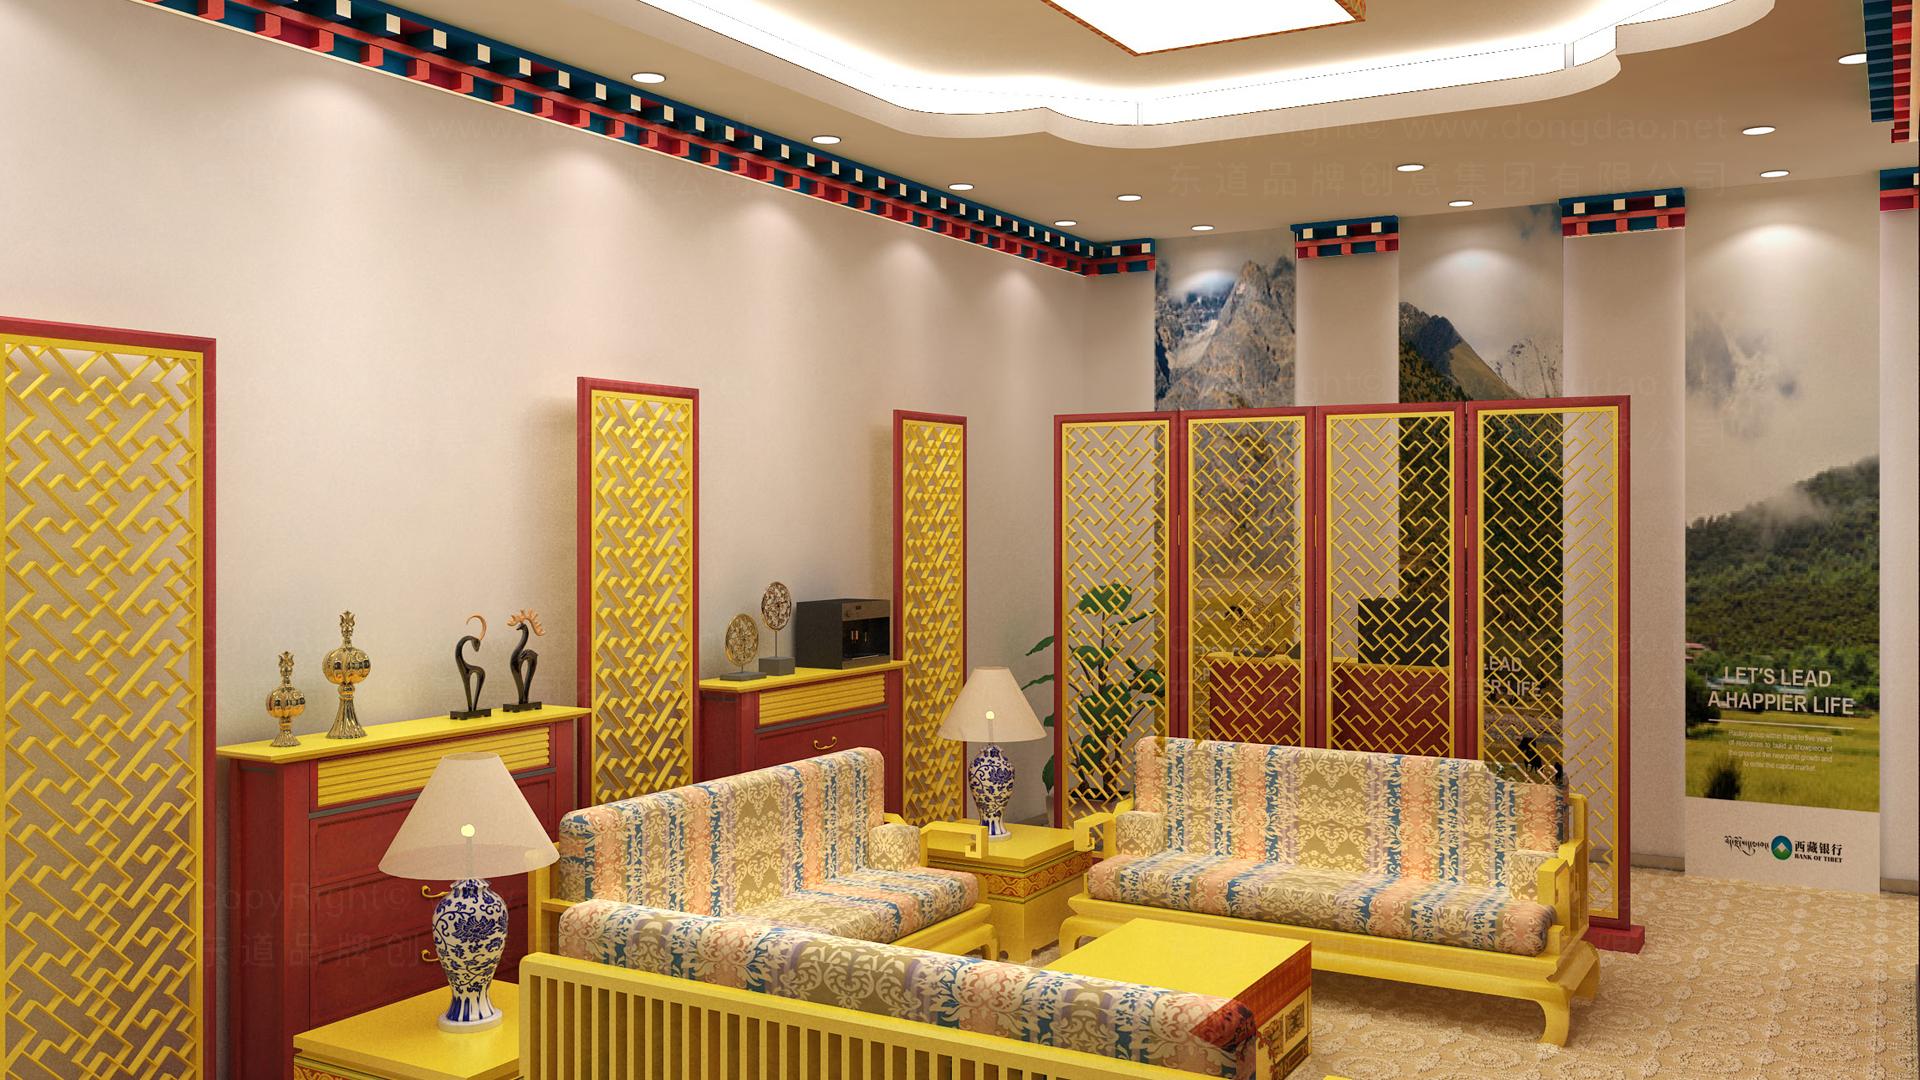 商业空间&导示西藏银行SI设计应用场景_5